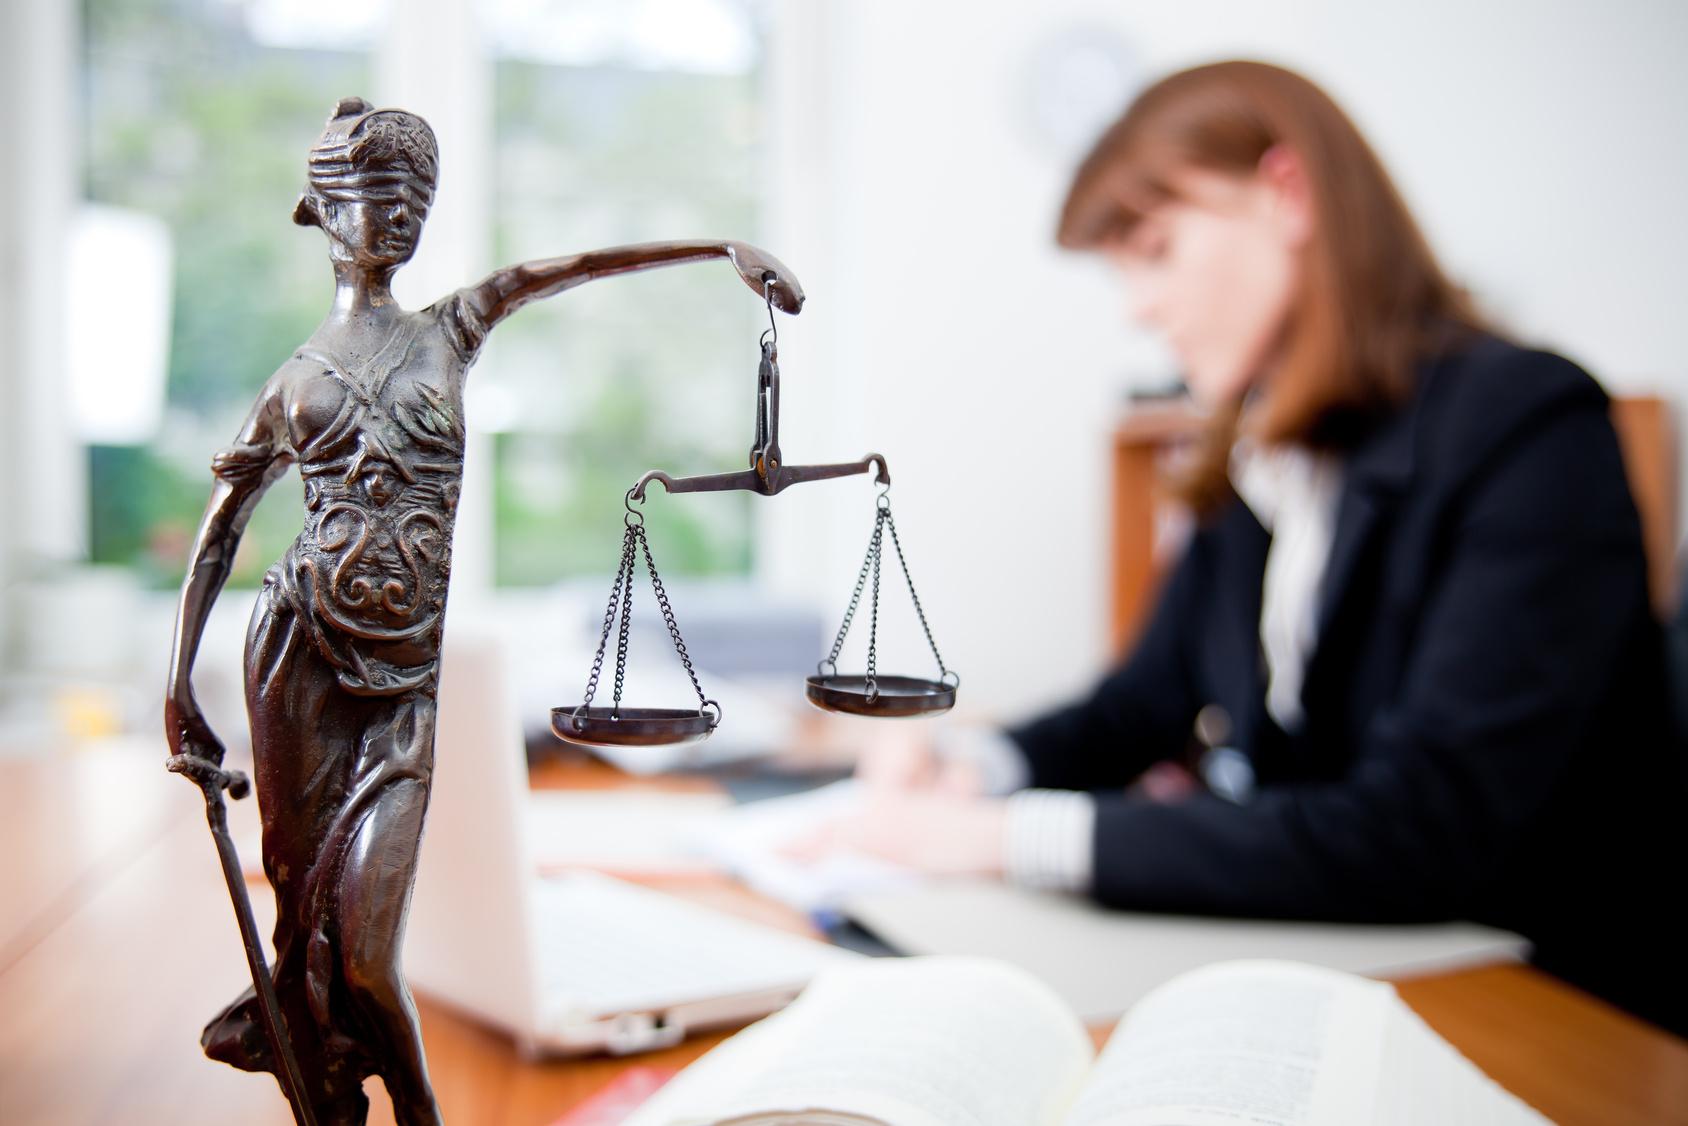 Юридическая помощь на все случаи жизни (1 фото)